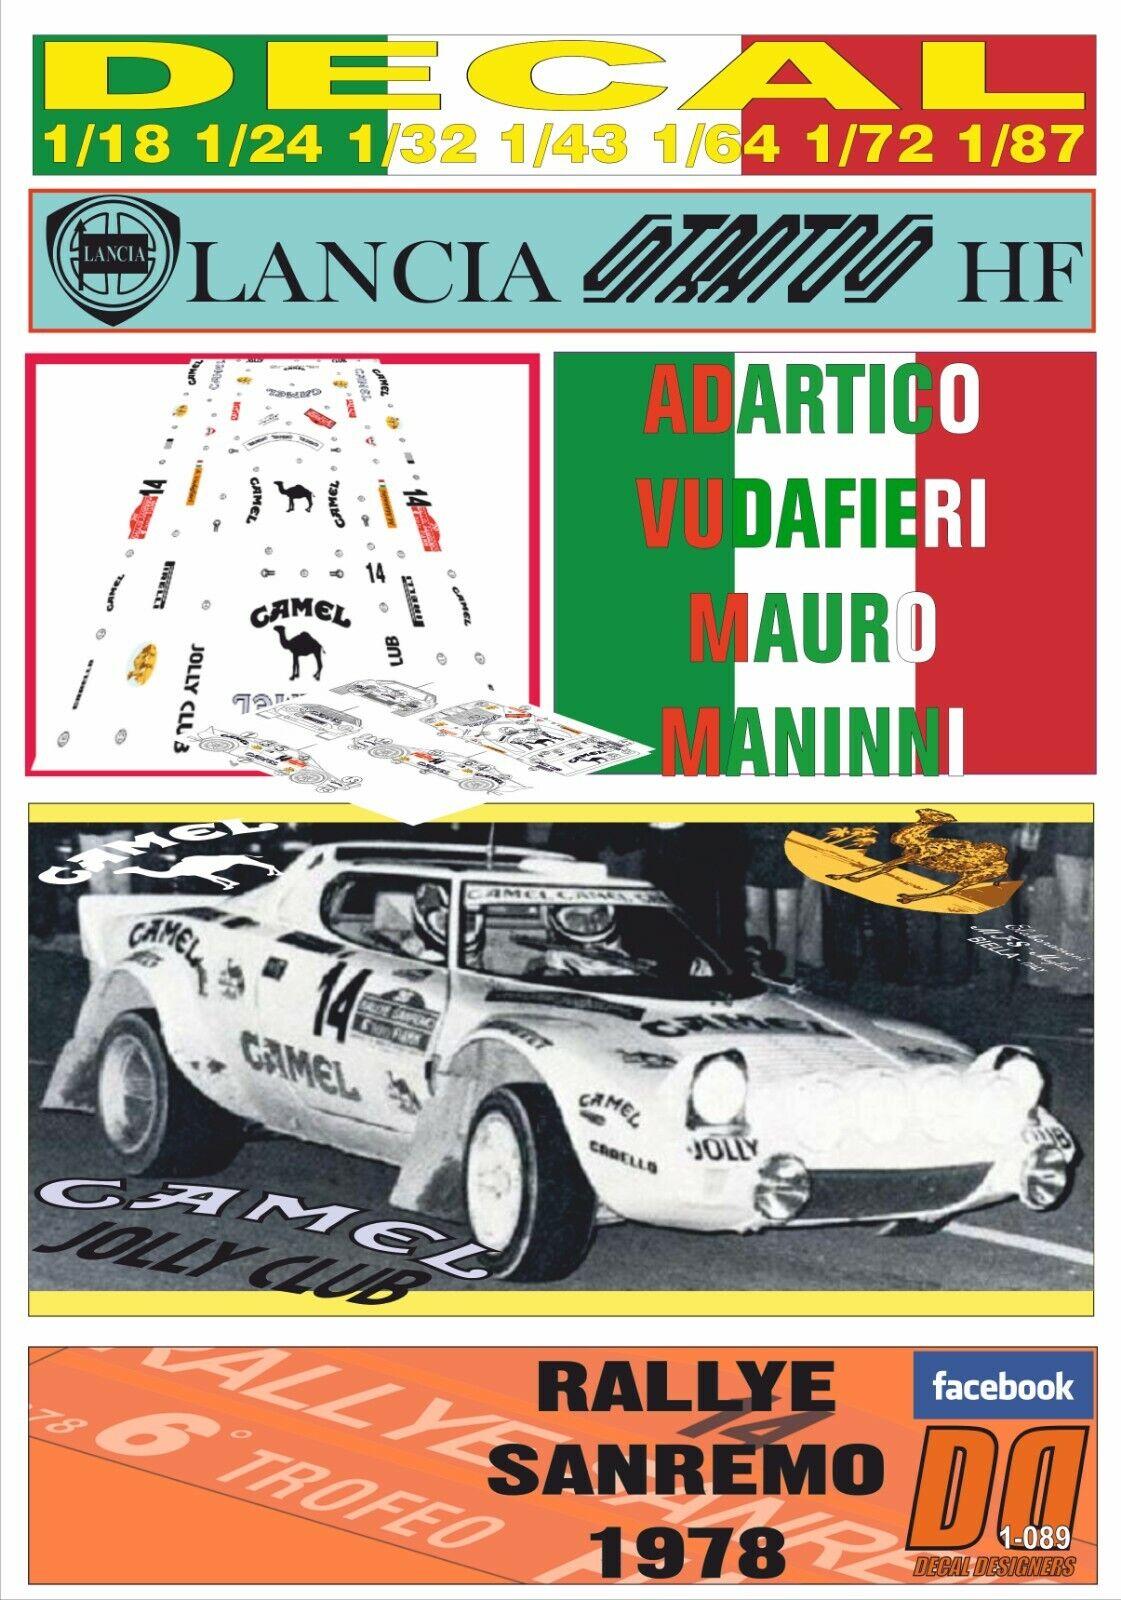 DECAL LANCIA STRATOS STRATOS STRATOS ADARTICO VUDAFIERI RALLYE SANREMO 1978 (08) f8be38